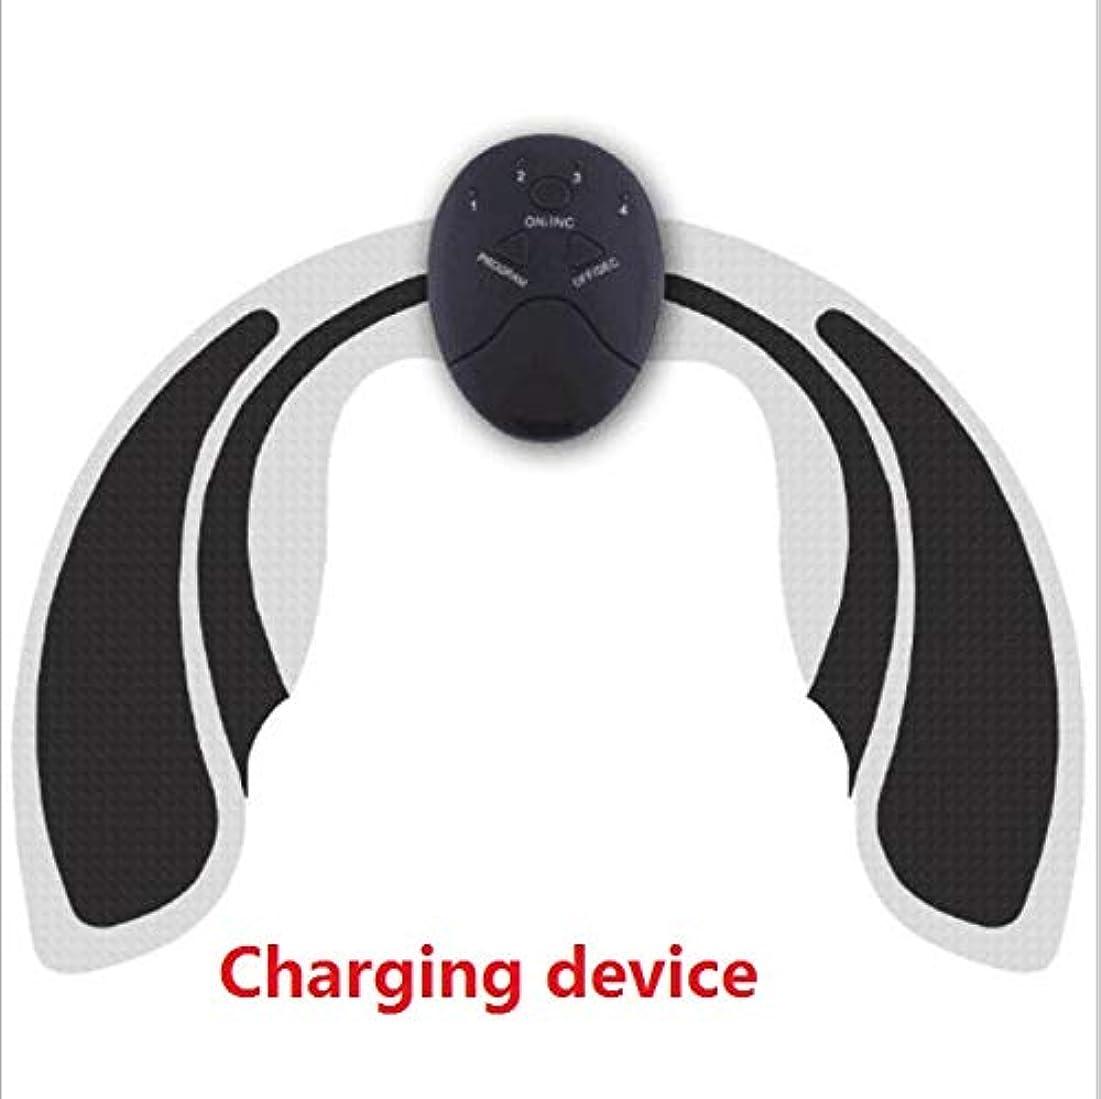 今までレバードリンクKTYX ユニセックスヒップデバイスFengqi美容ウエストシェイピングボディインストゥルメンツEMSインテリジェントマッサージ機器 マッサージャー (色 : Charging type)